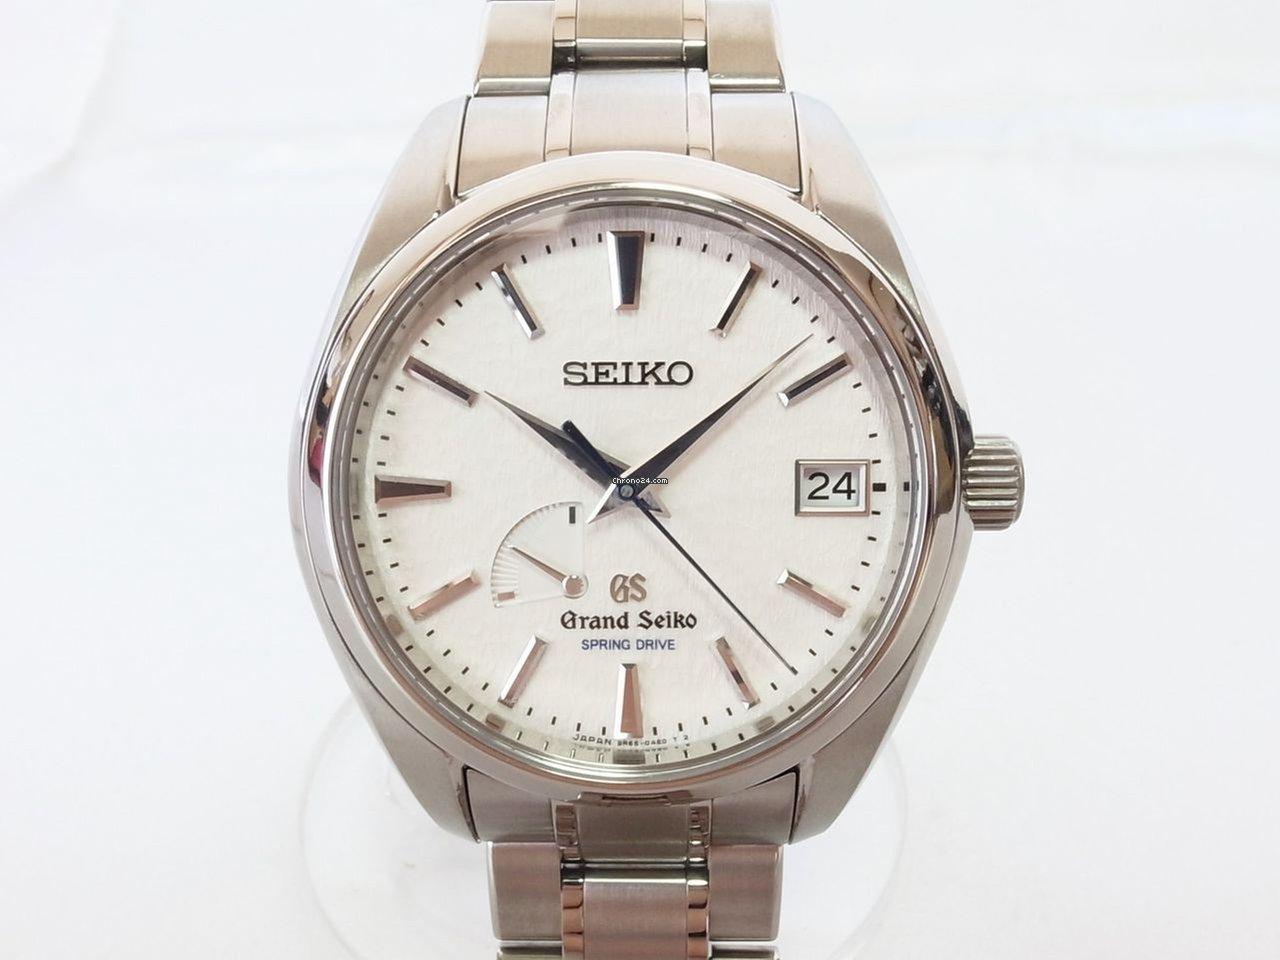 536d90888 Seiko watches - all prices for Seiko watches on Chrono24